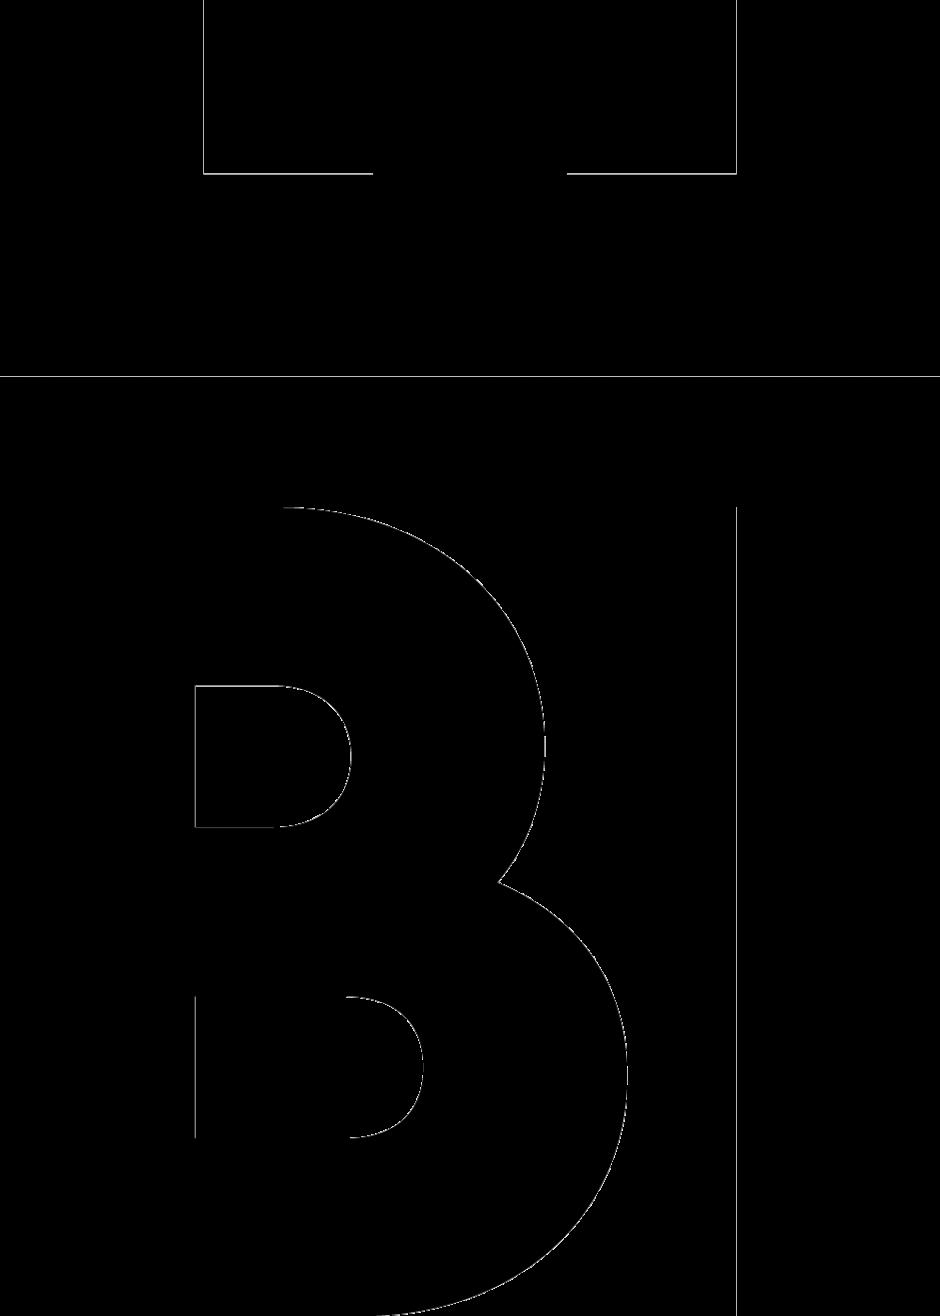 Logovariante schwarz